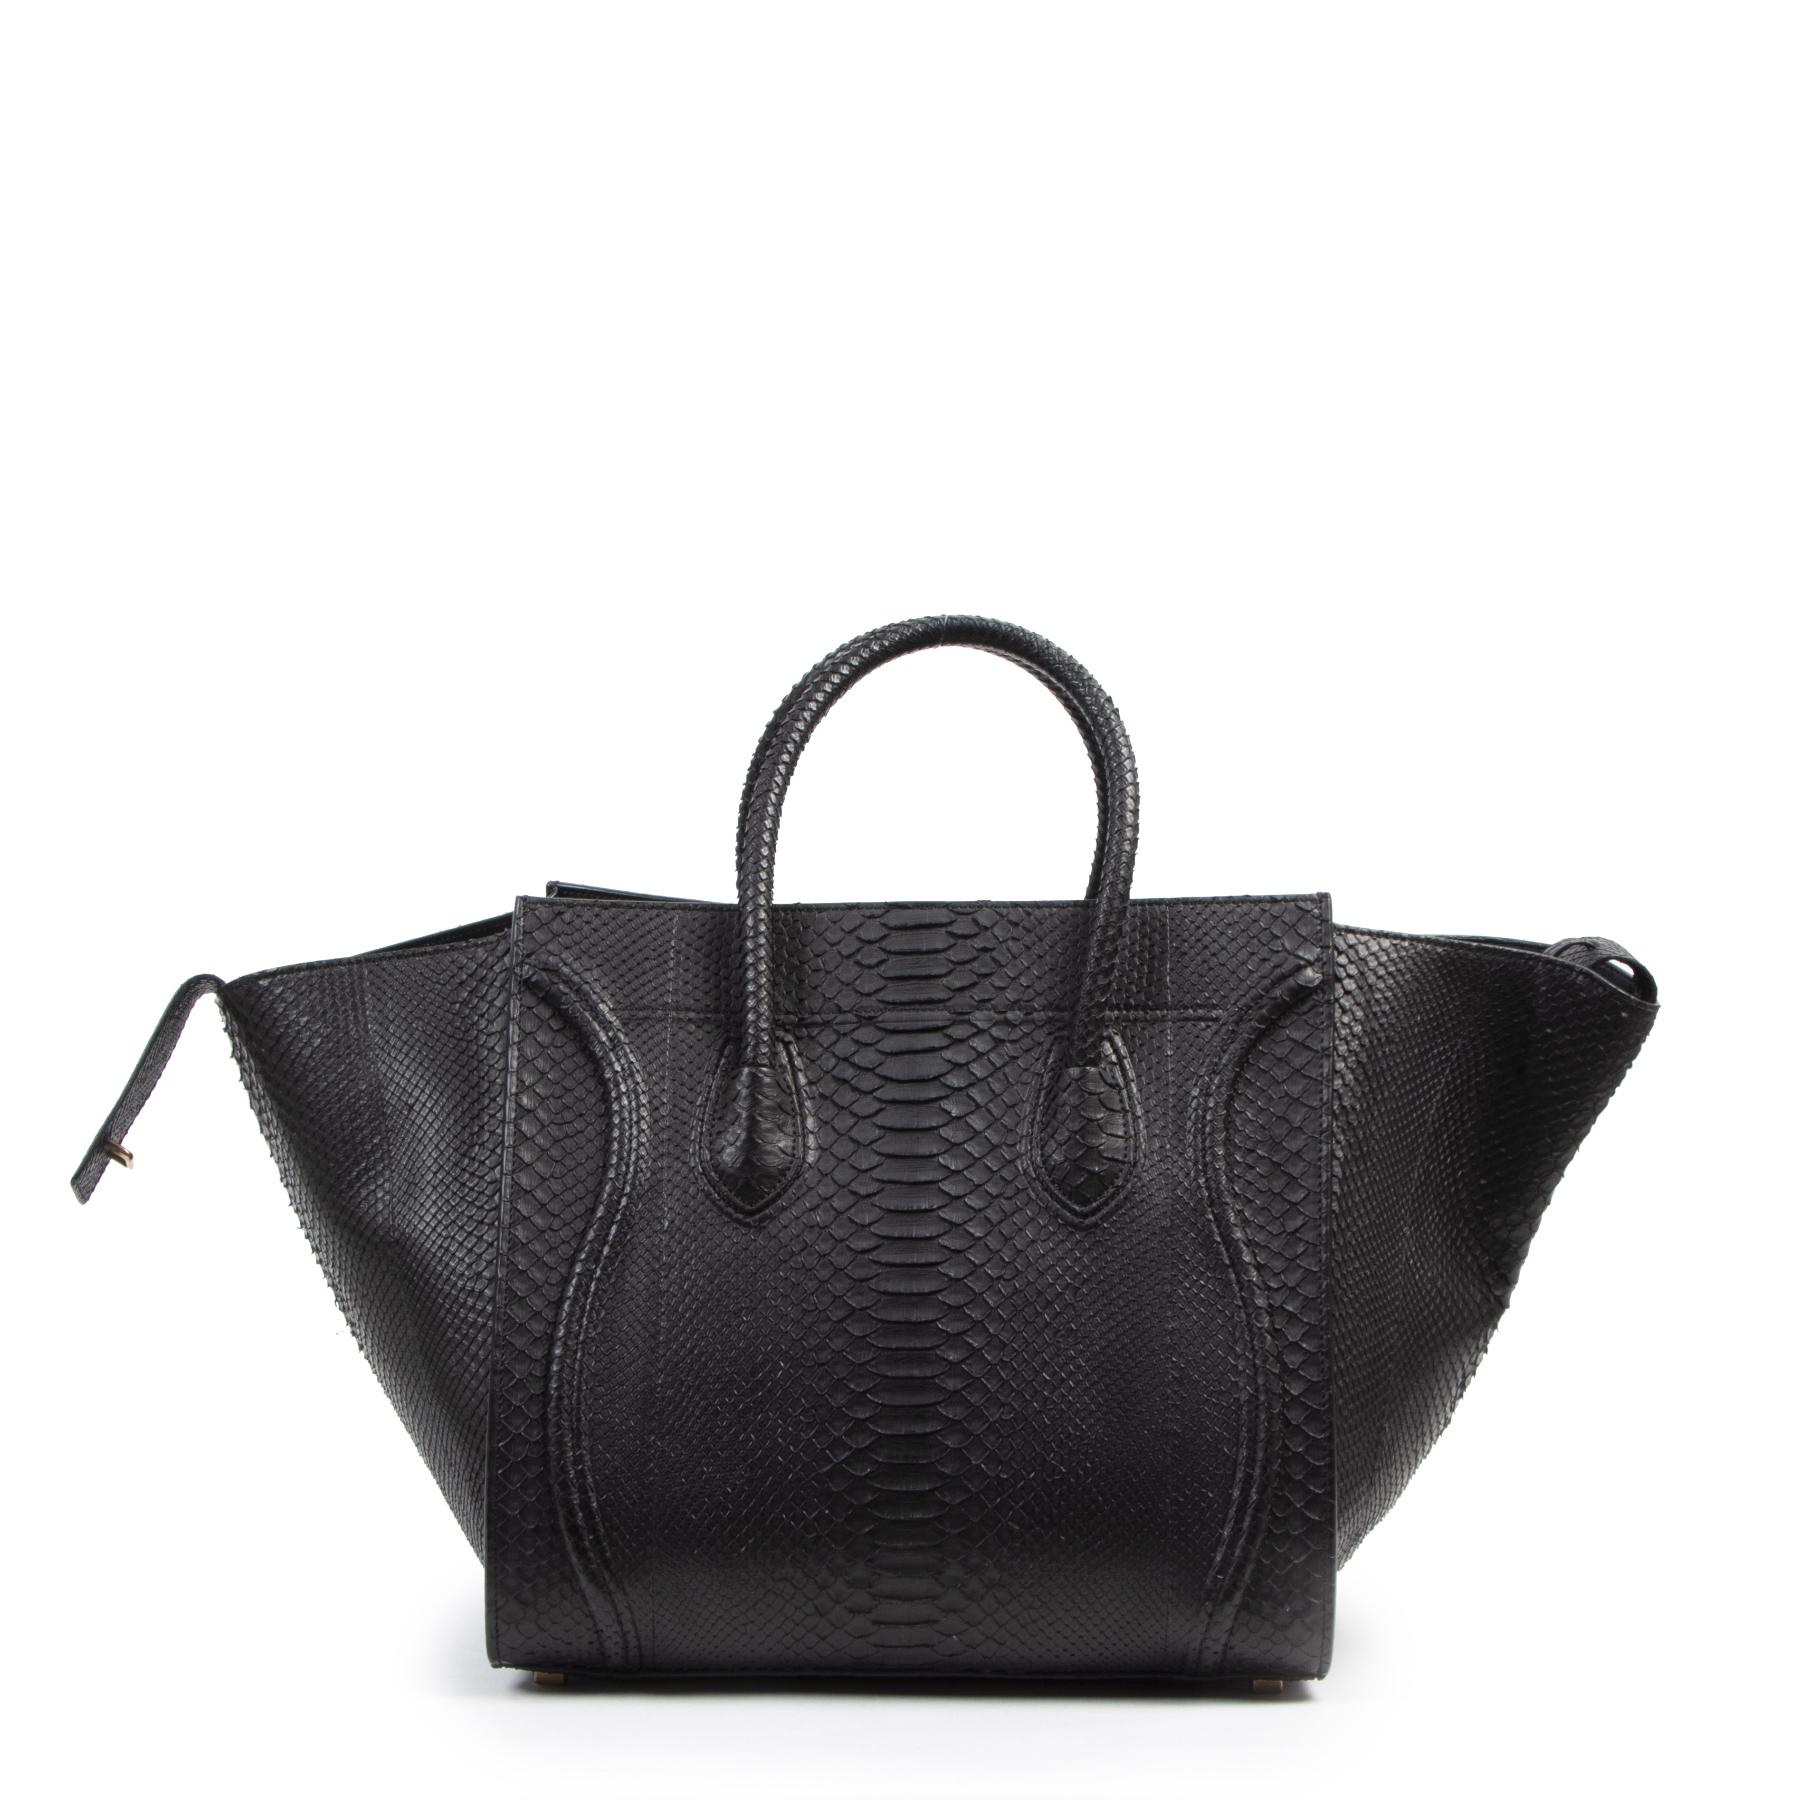 Koop en verkoop uw authentieke designer Celine Black Python Phantom Luggage Tote